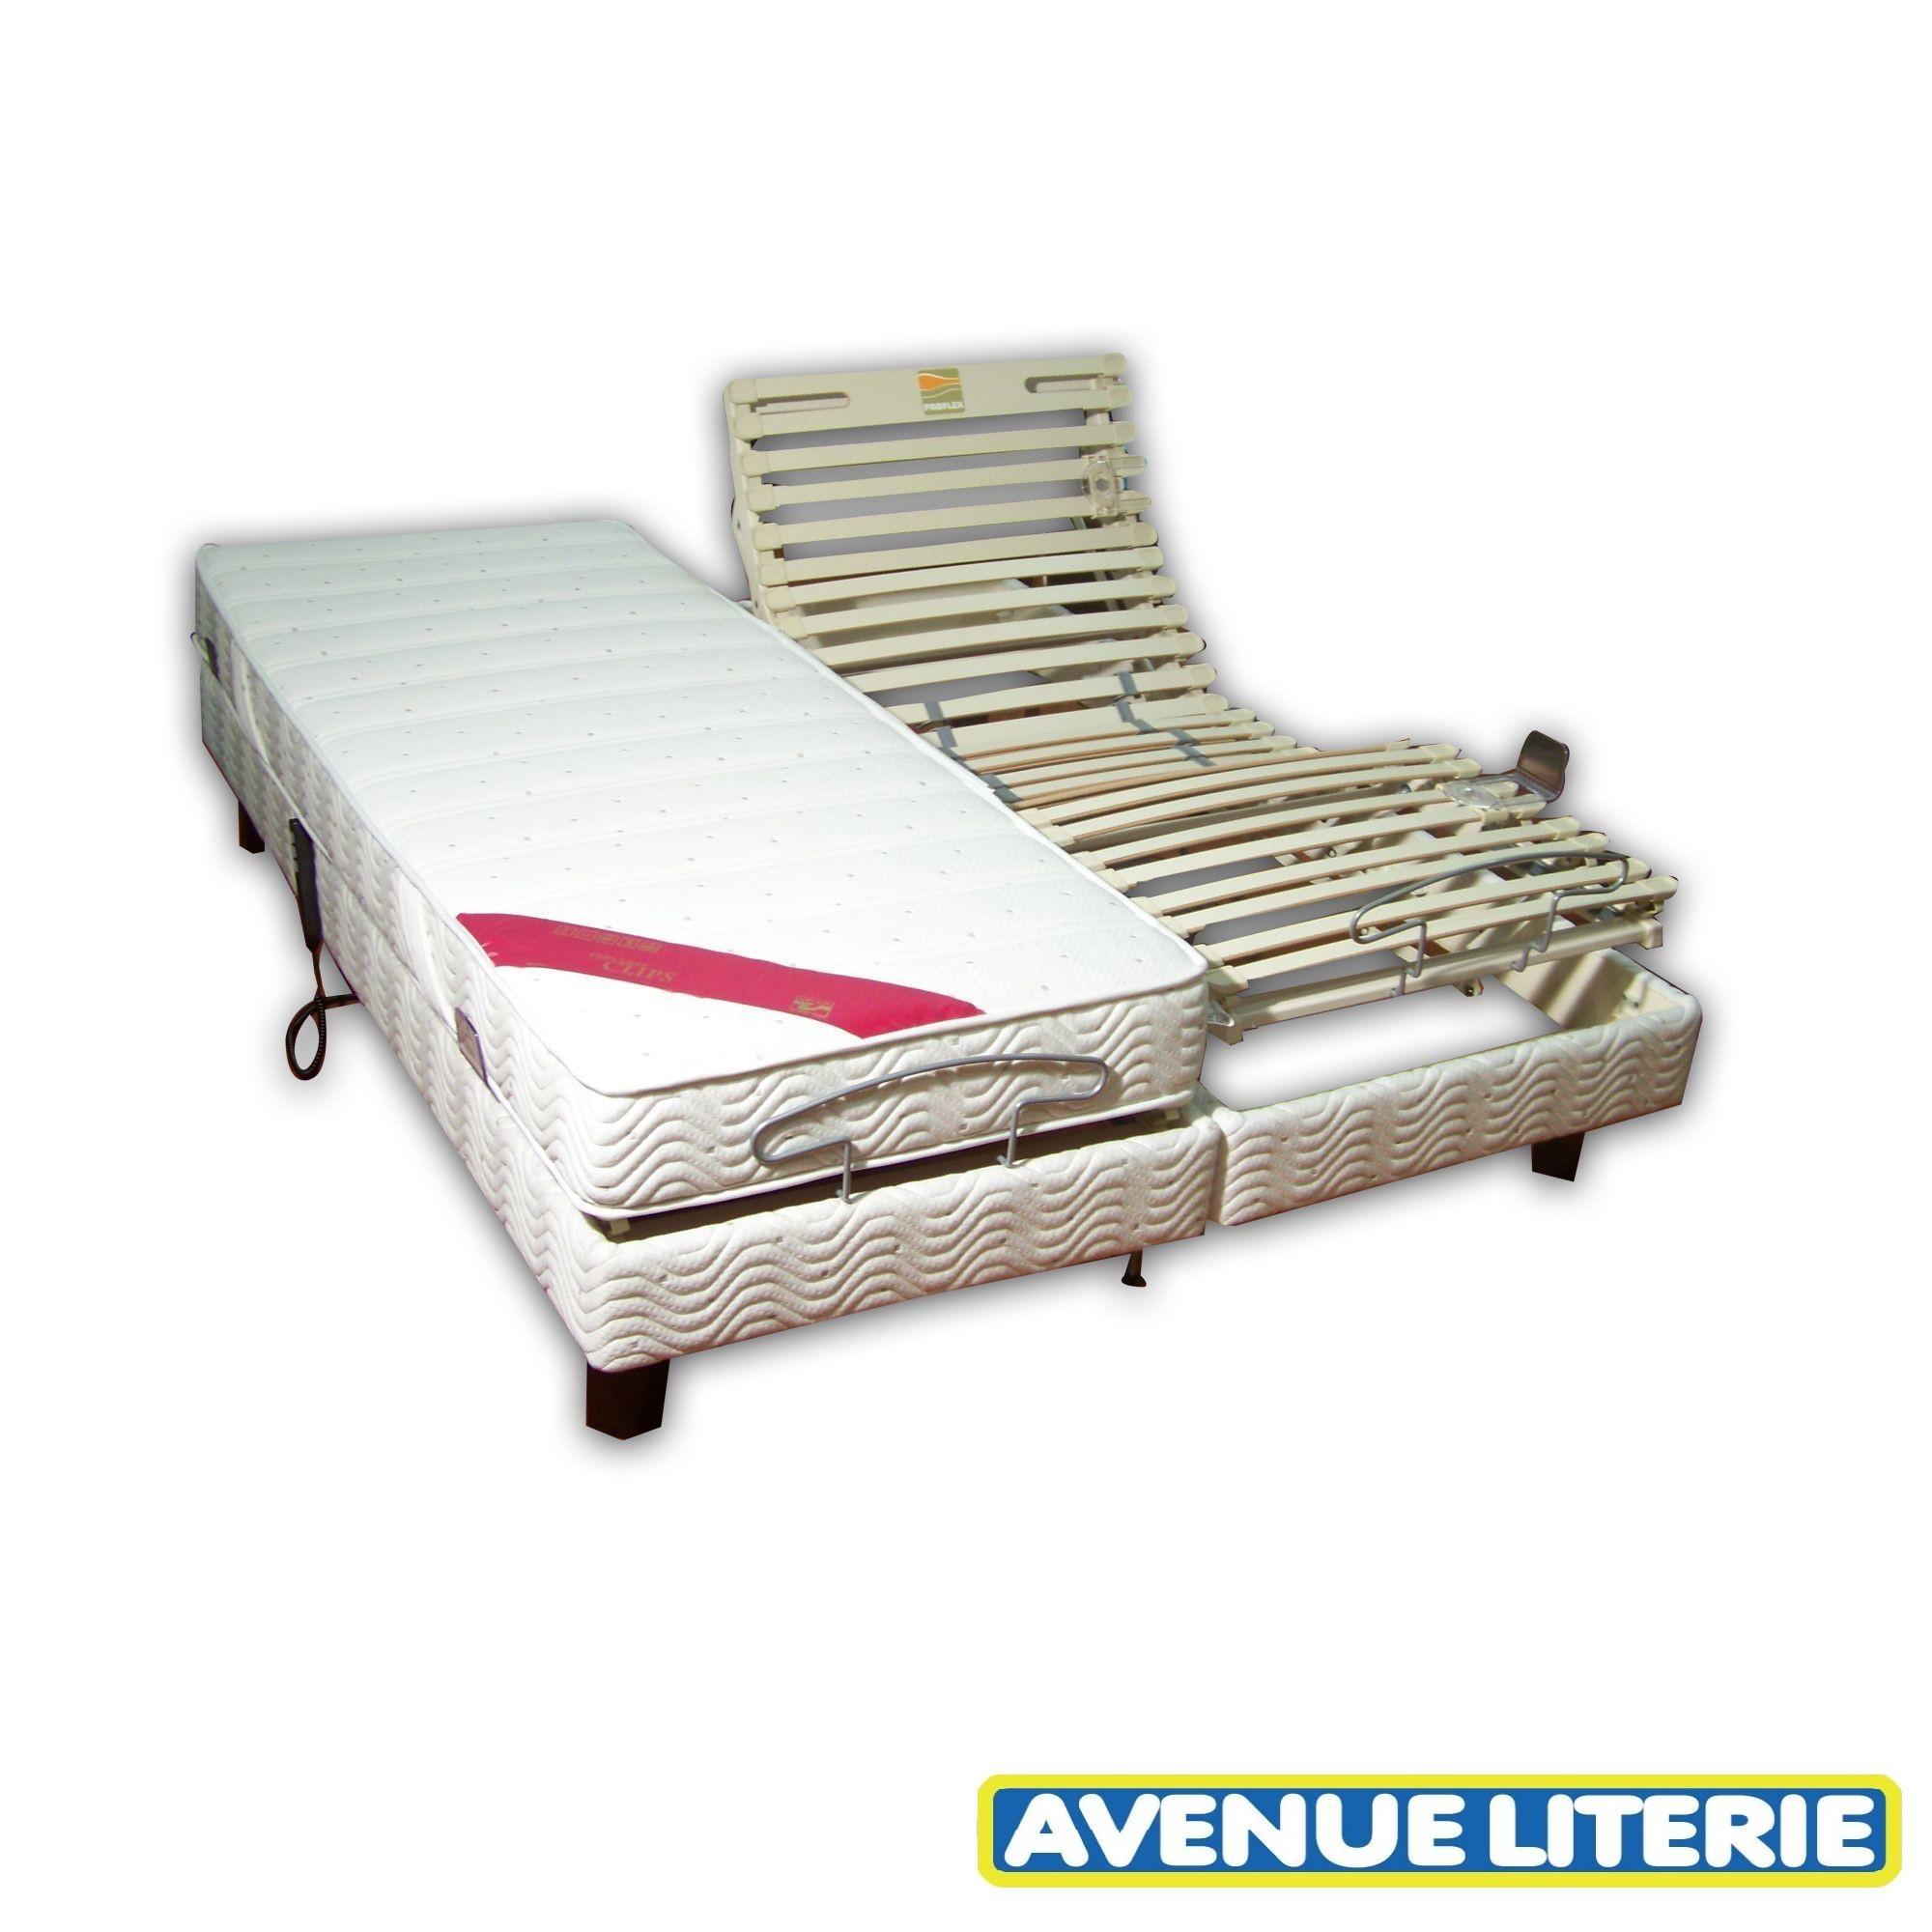 lit electrique 2x90x200 maison design. Black Bedroom Furniture Sets. Home Design Ideas